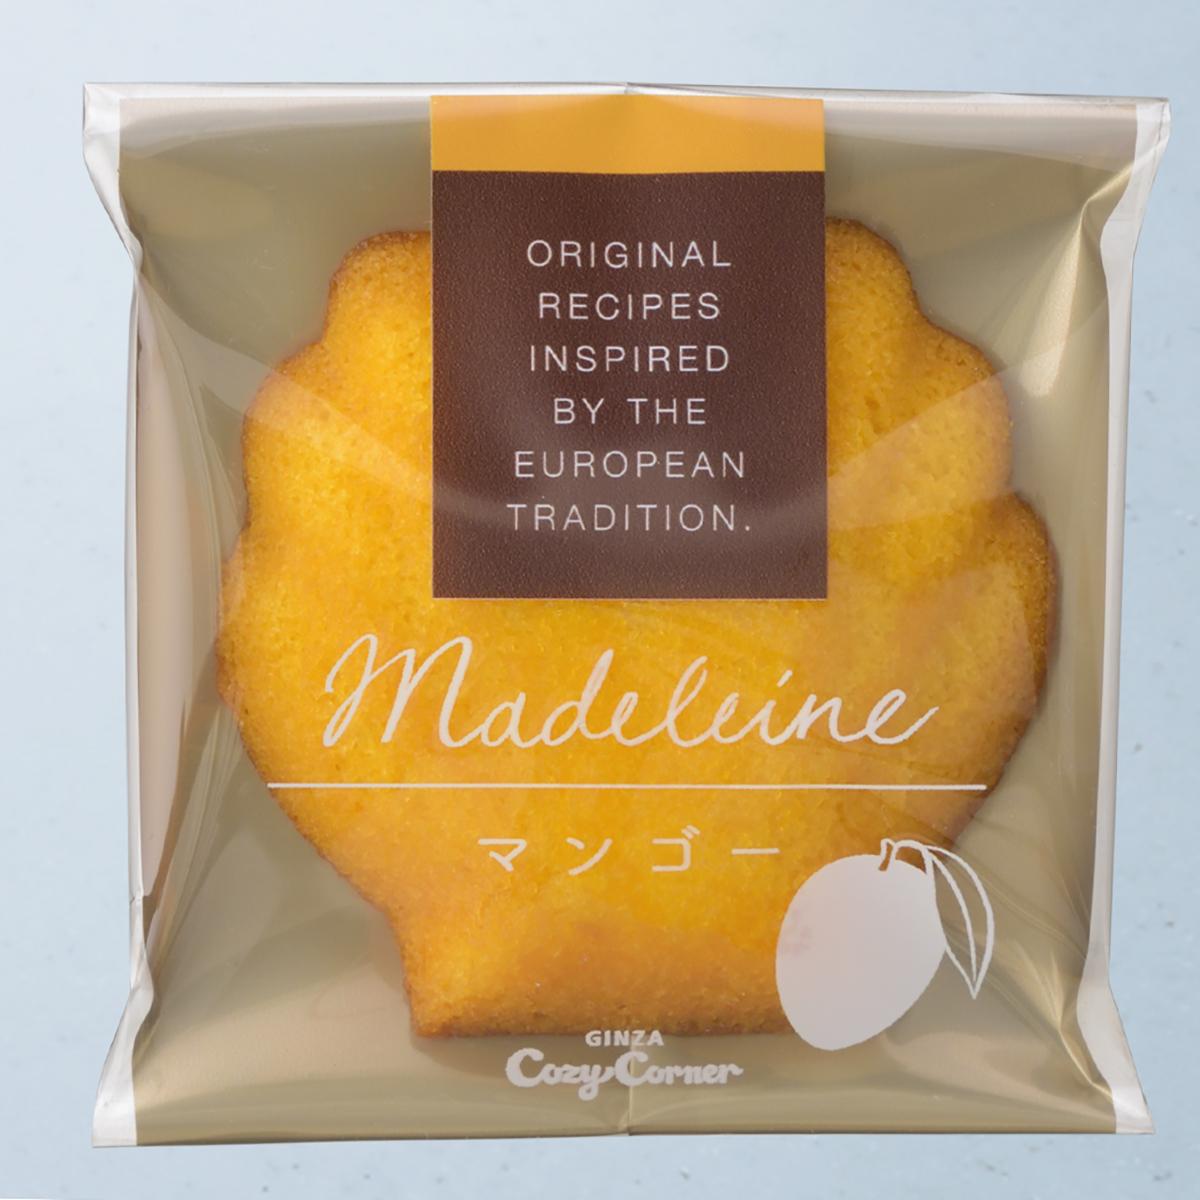 銀座コージーコーナー「夏のマドレーヌ」マンゴー